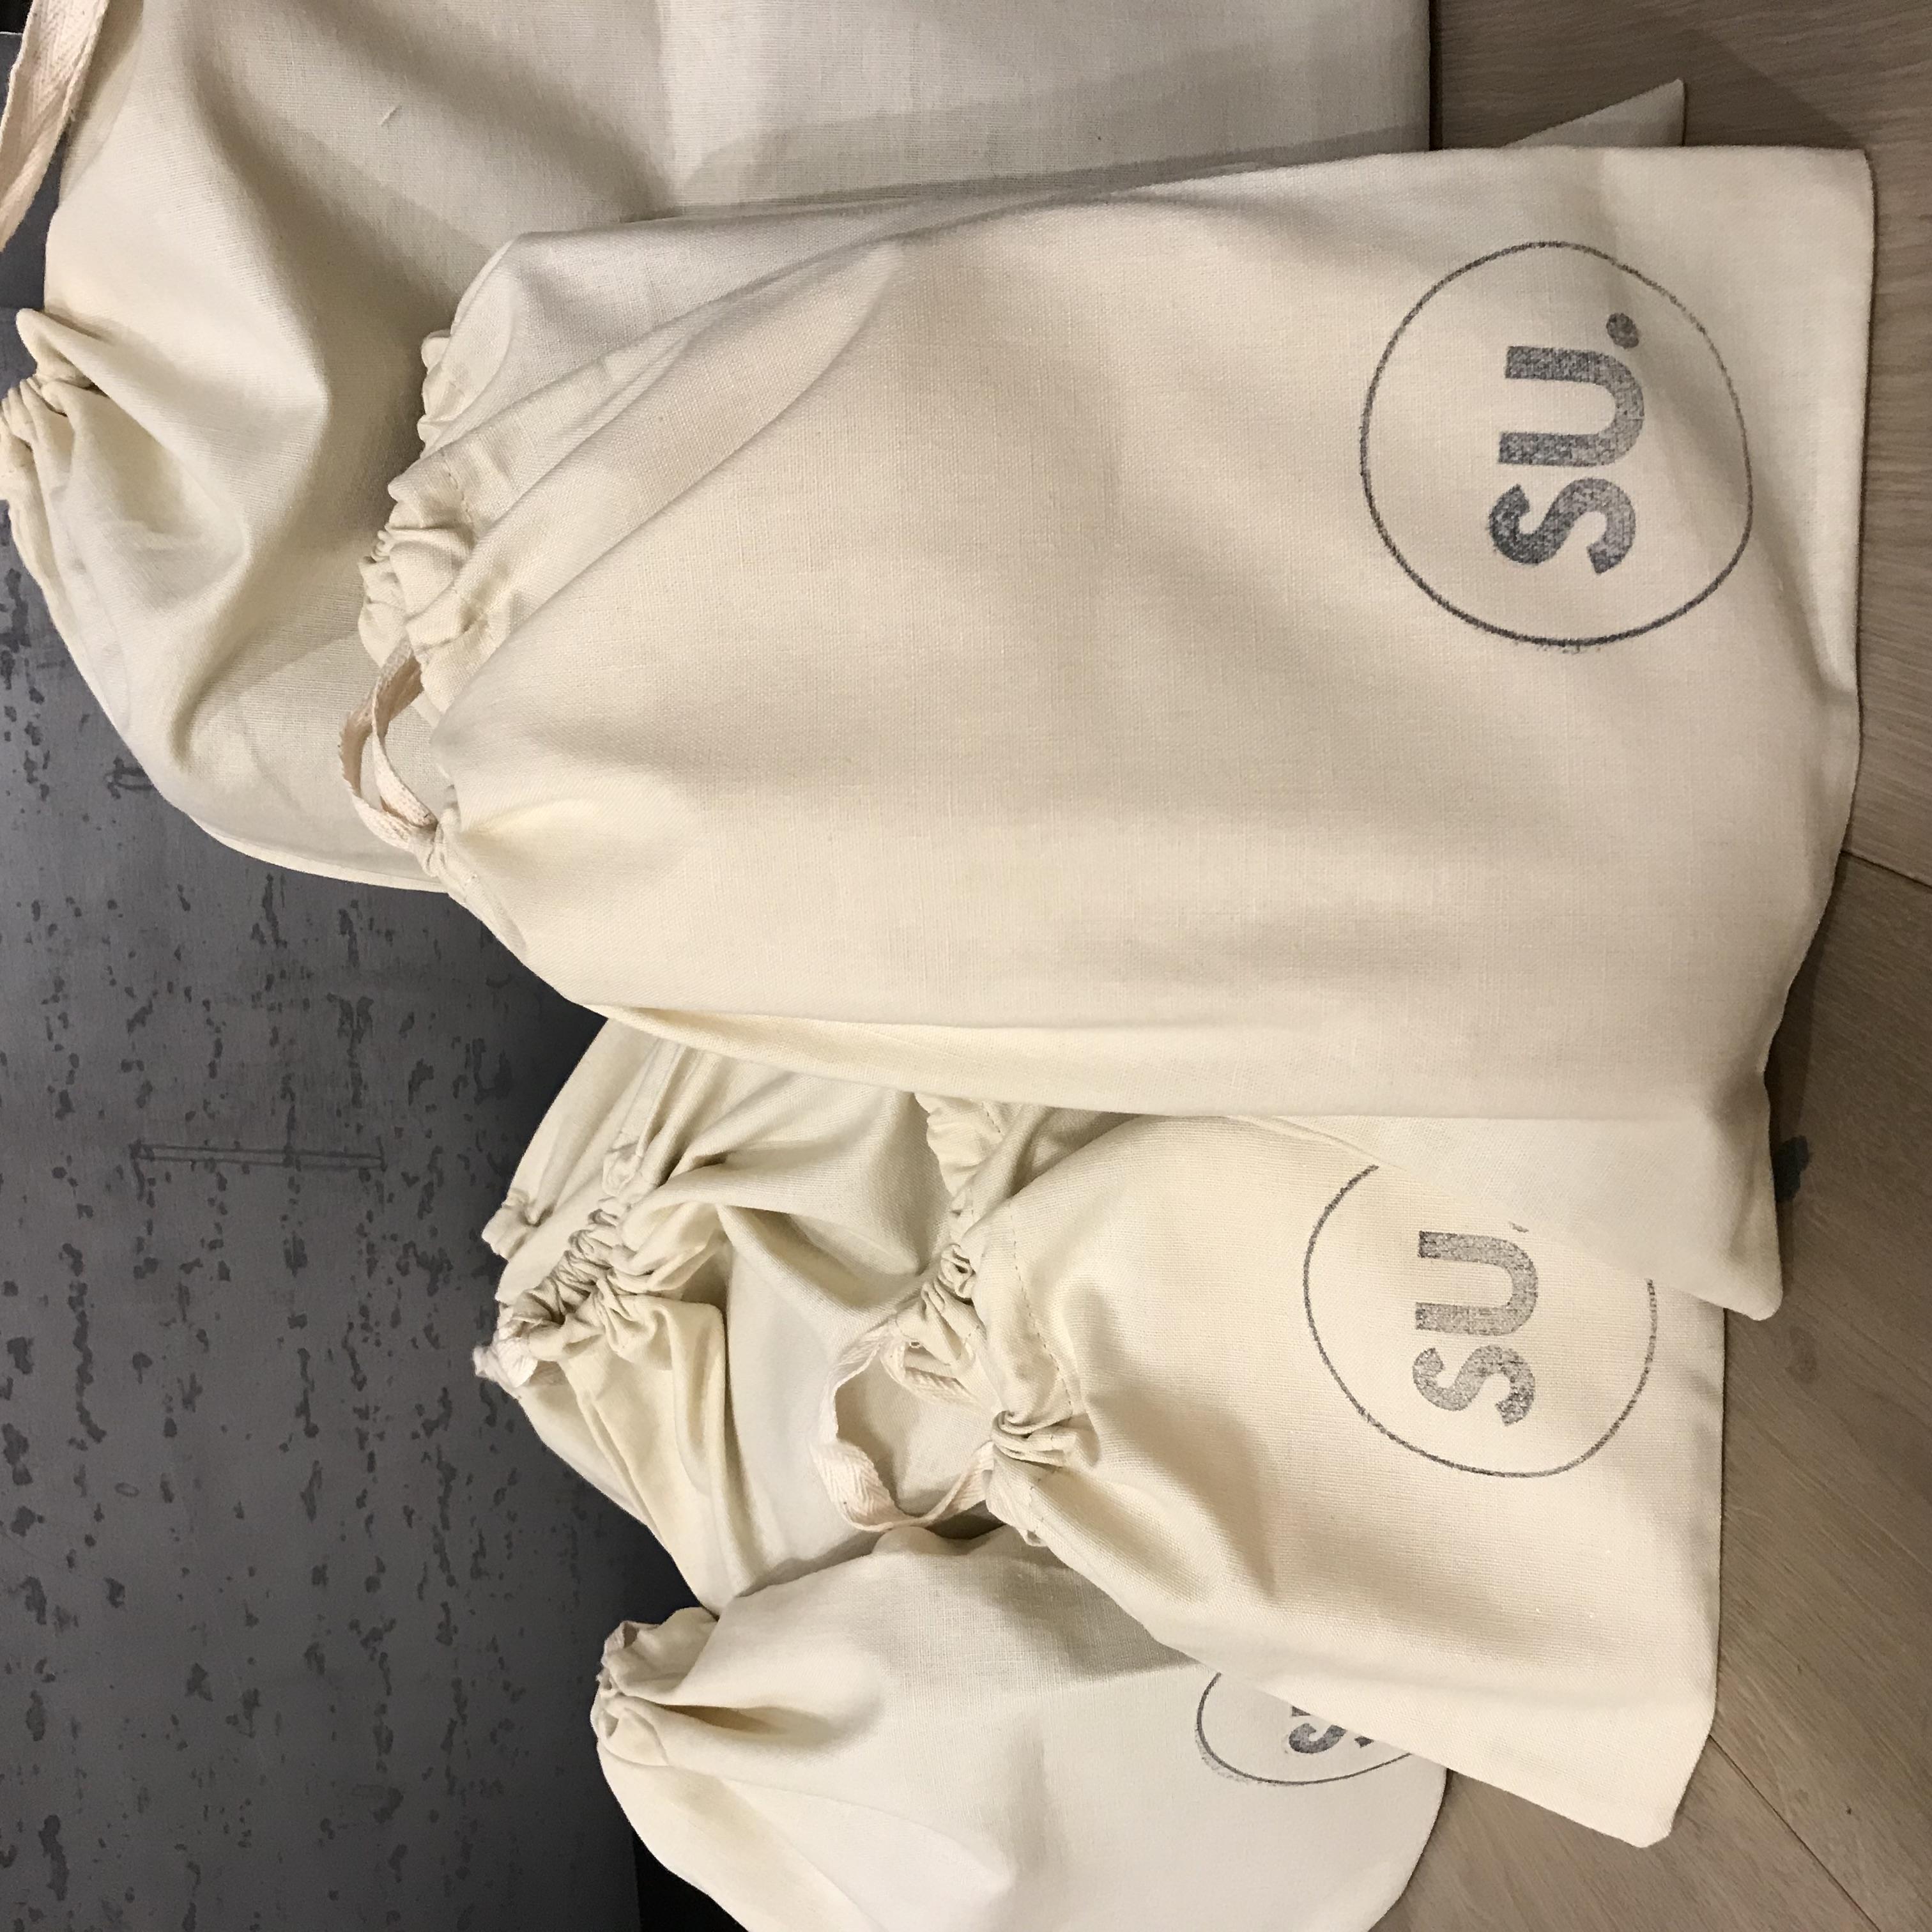 SU. Dustbag Branding